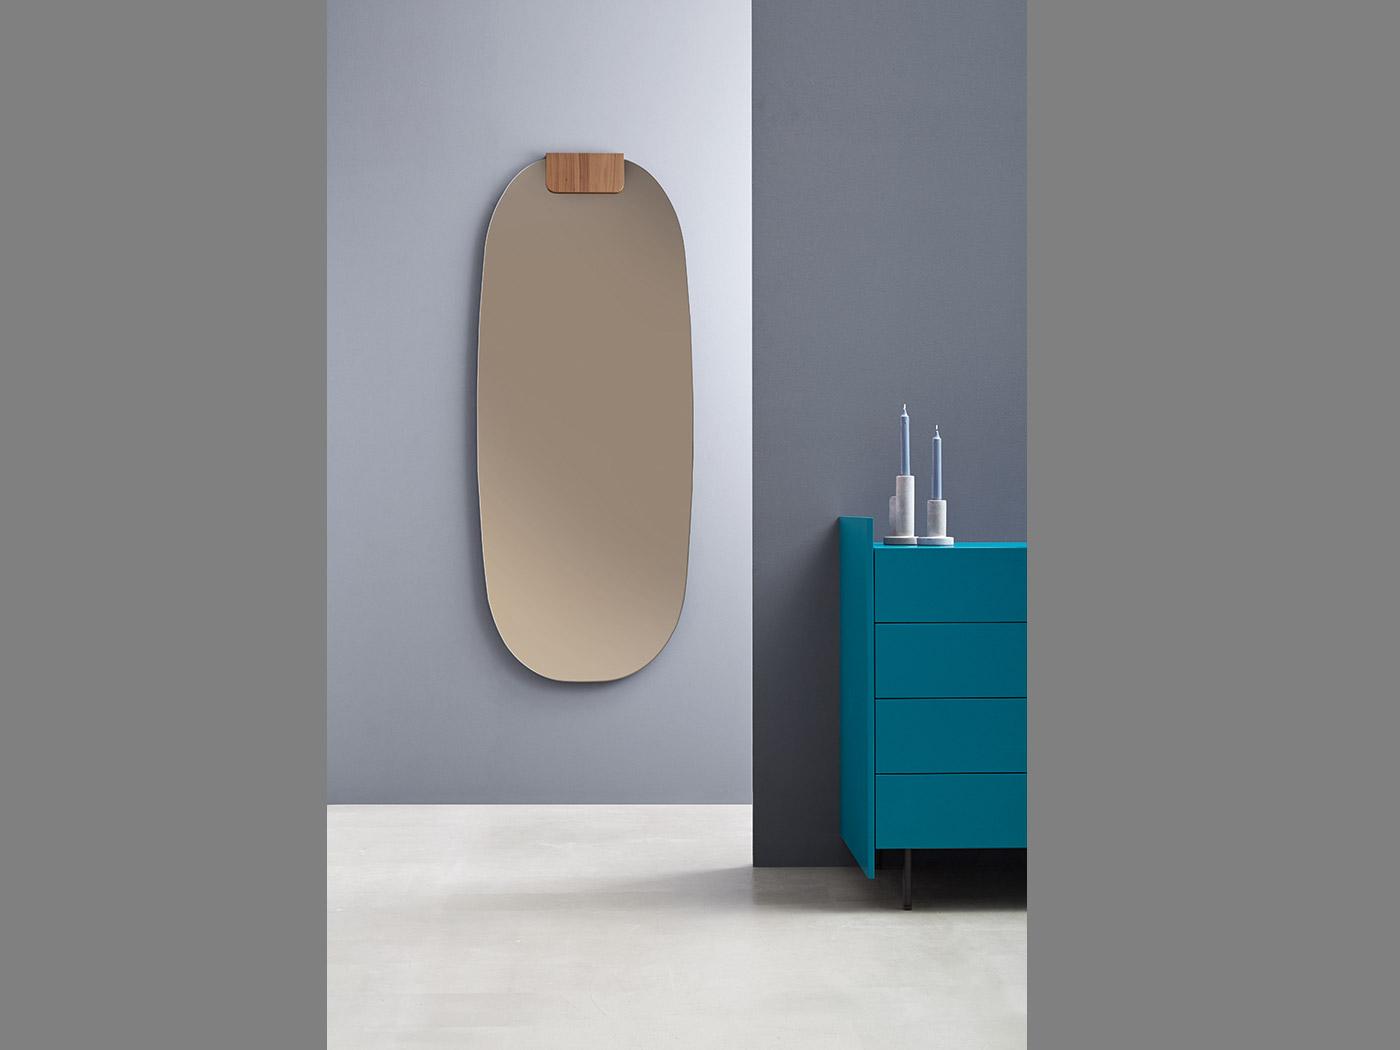 Farbig getönte Spiegel